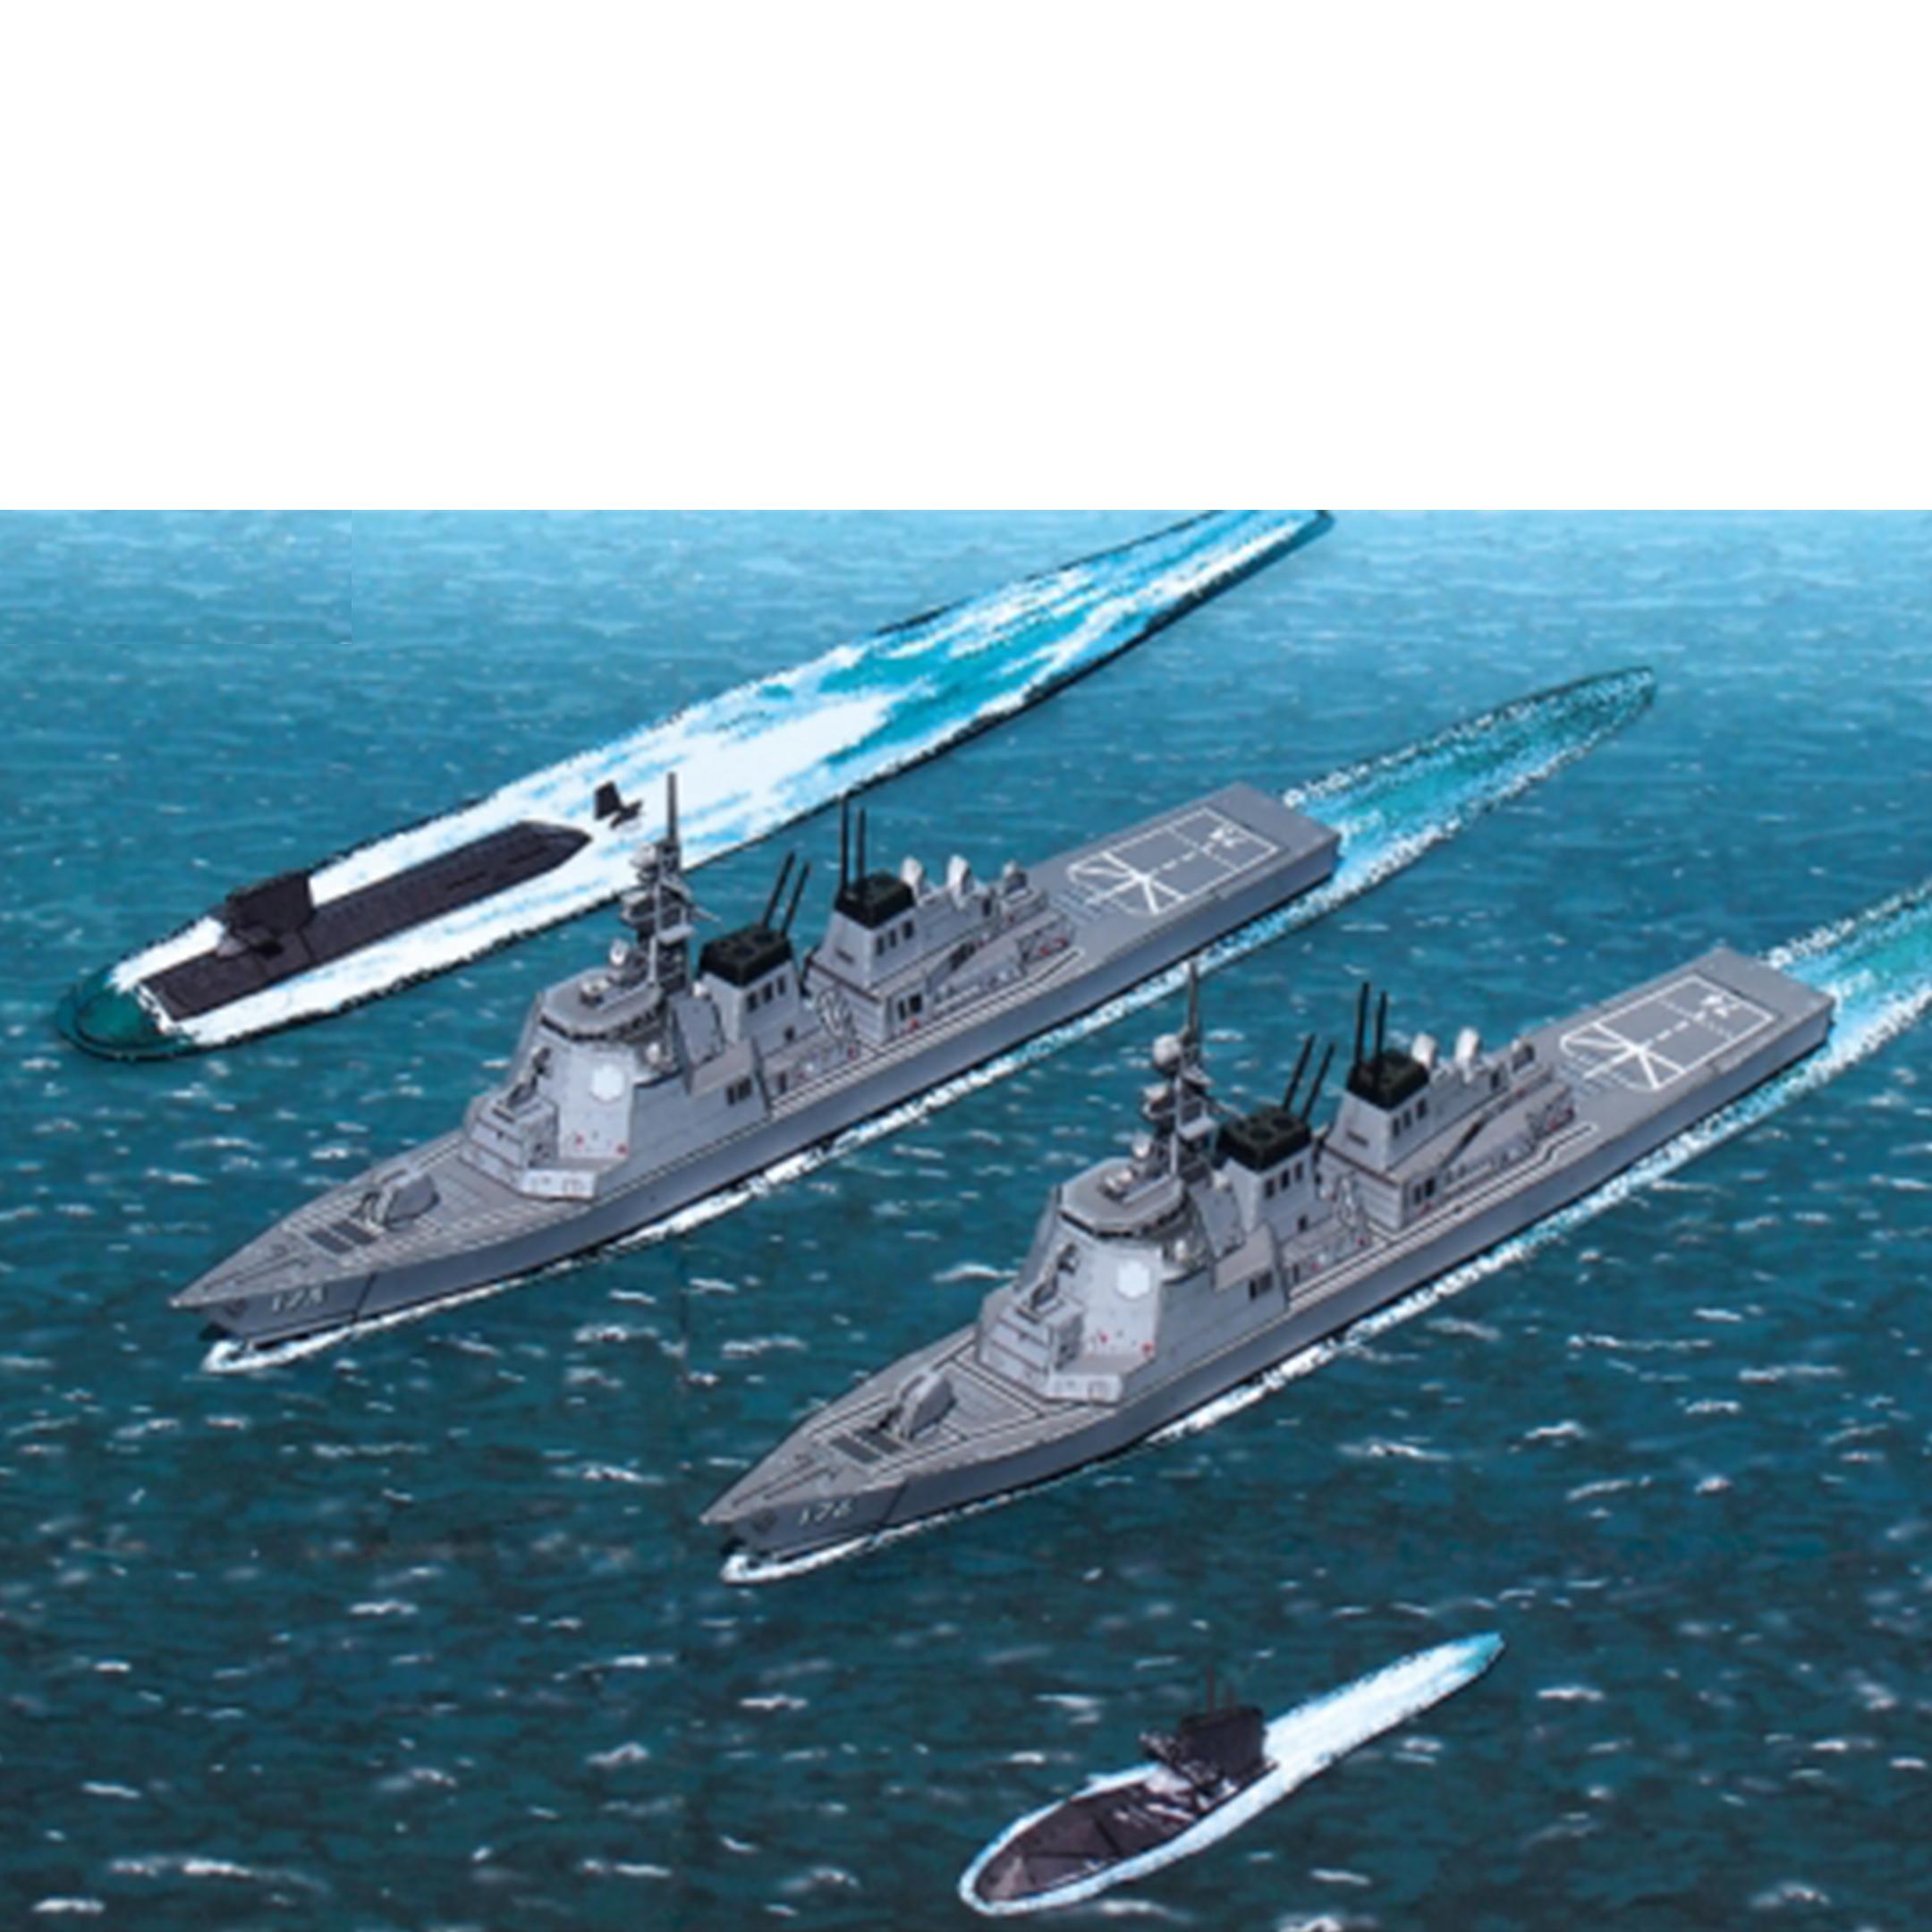 人気急上昇 海上自衛隊の艦隊防空の要であるイージス護衛艦こんごう型を1 900スケールでペーパークラフトキットにしました 推奨 夏休みの自由研究や父の日の工作キットギフトにも最適です 送料無料 ファセット ペーパークラフト 海上自衛隊 艦隊防空 イージス護衛艦こんごう型 パイングローバル A4サイズ 日本製 代引き未対応 900 1 PineGlobal メール便発送